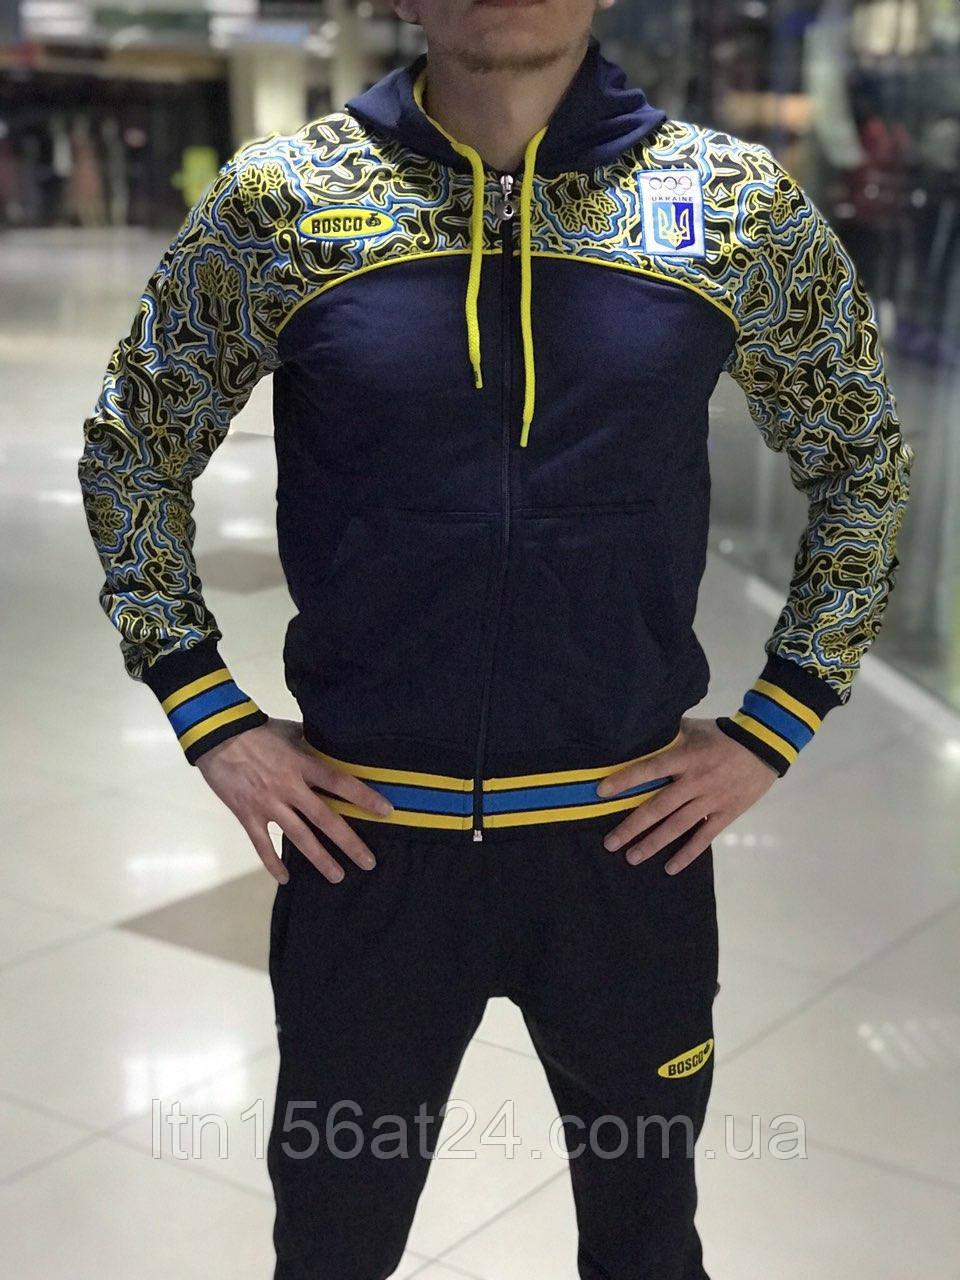 4cdeef34 Олимпийский спортивный костюм Bosco Sport Украина: продажа, цена в ...